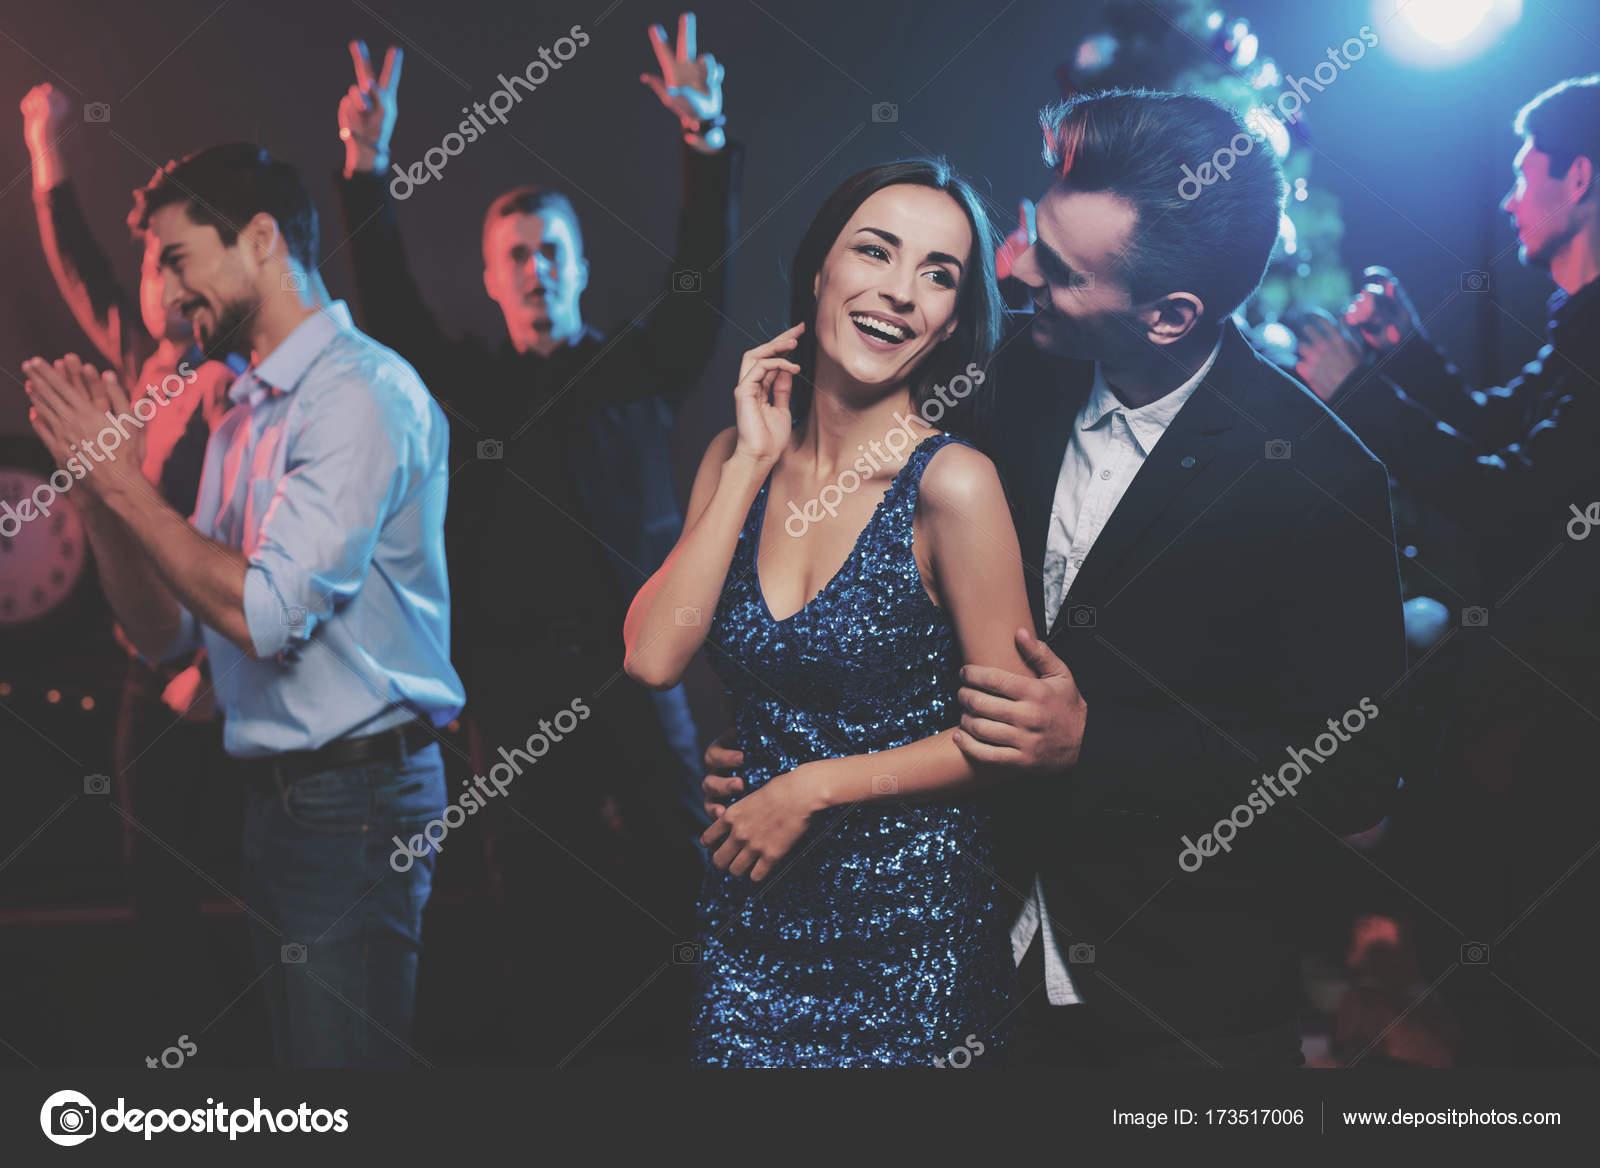 collegare con una ragazza alla festa